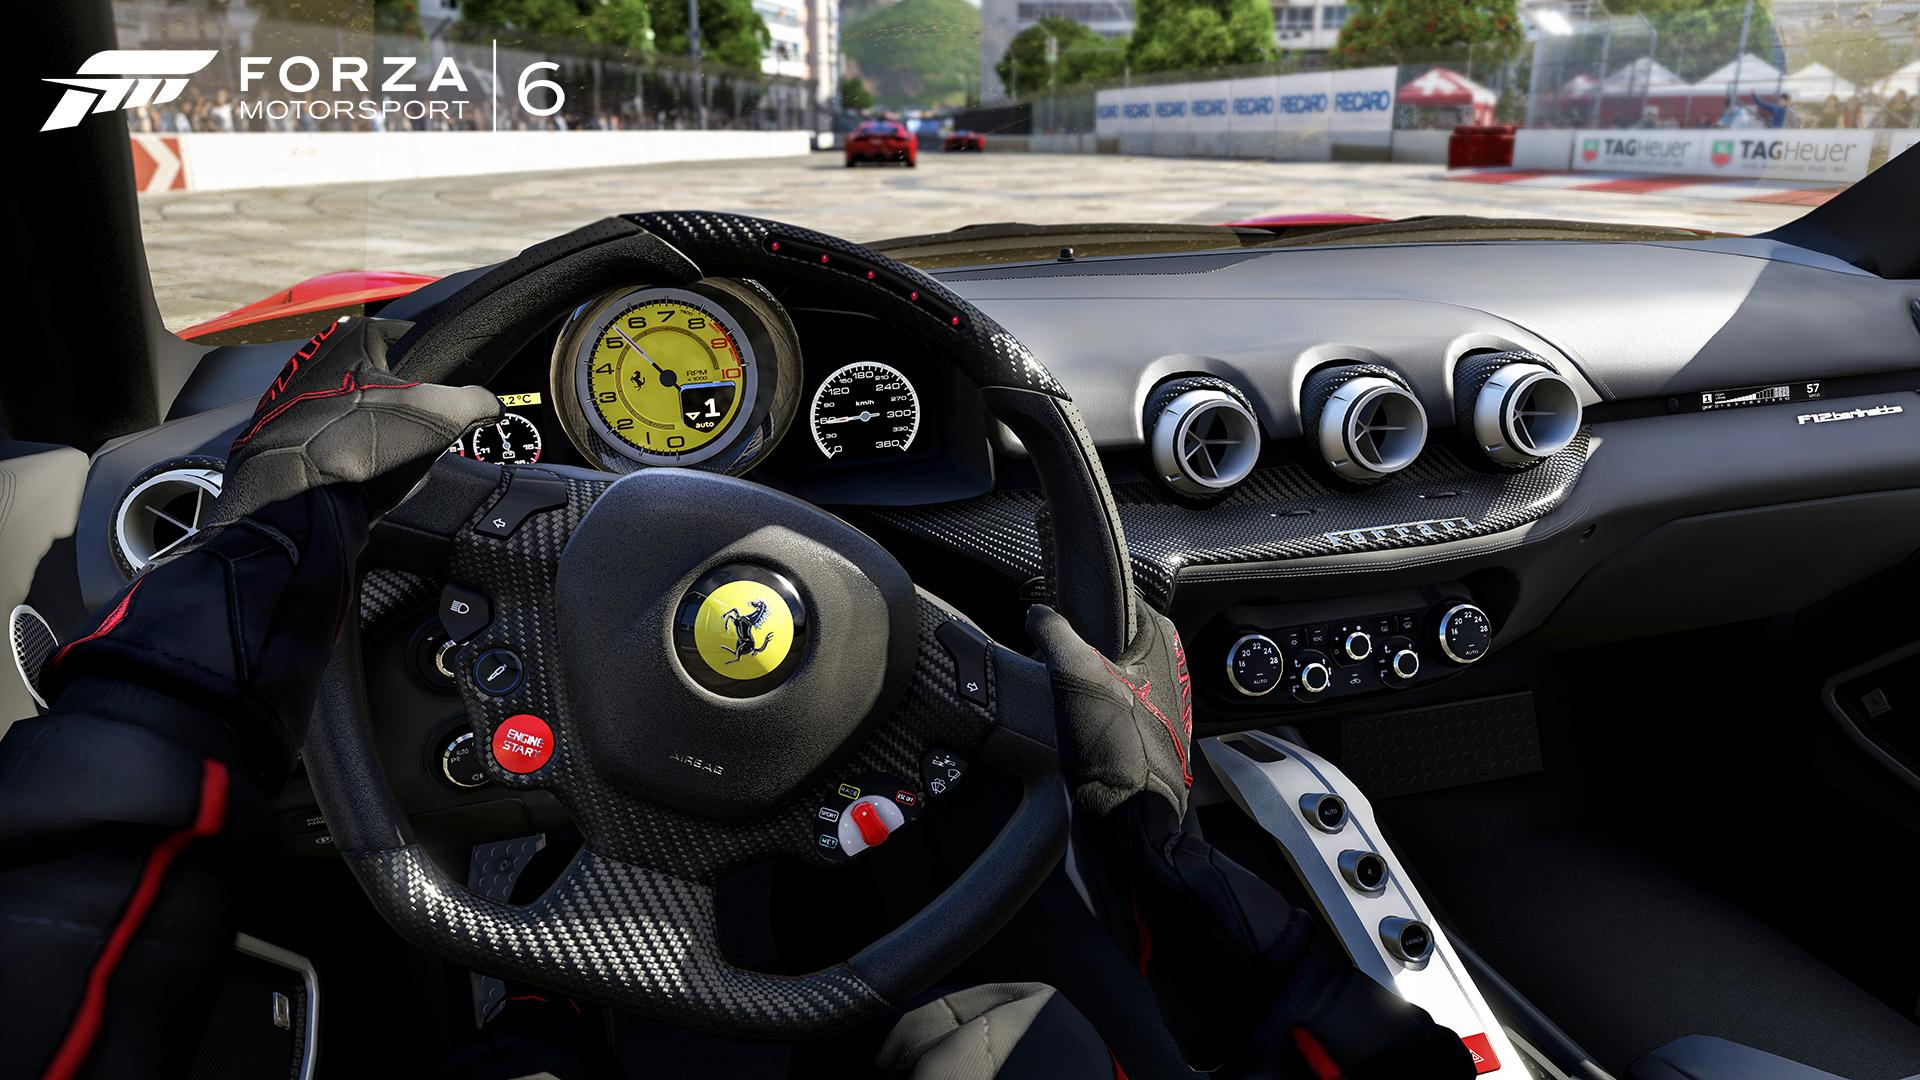 Forza Motorsport 6 – Exclusive interview with Dan Greenawalt